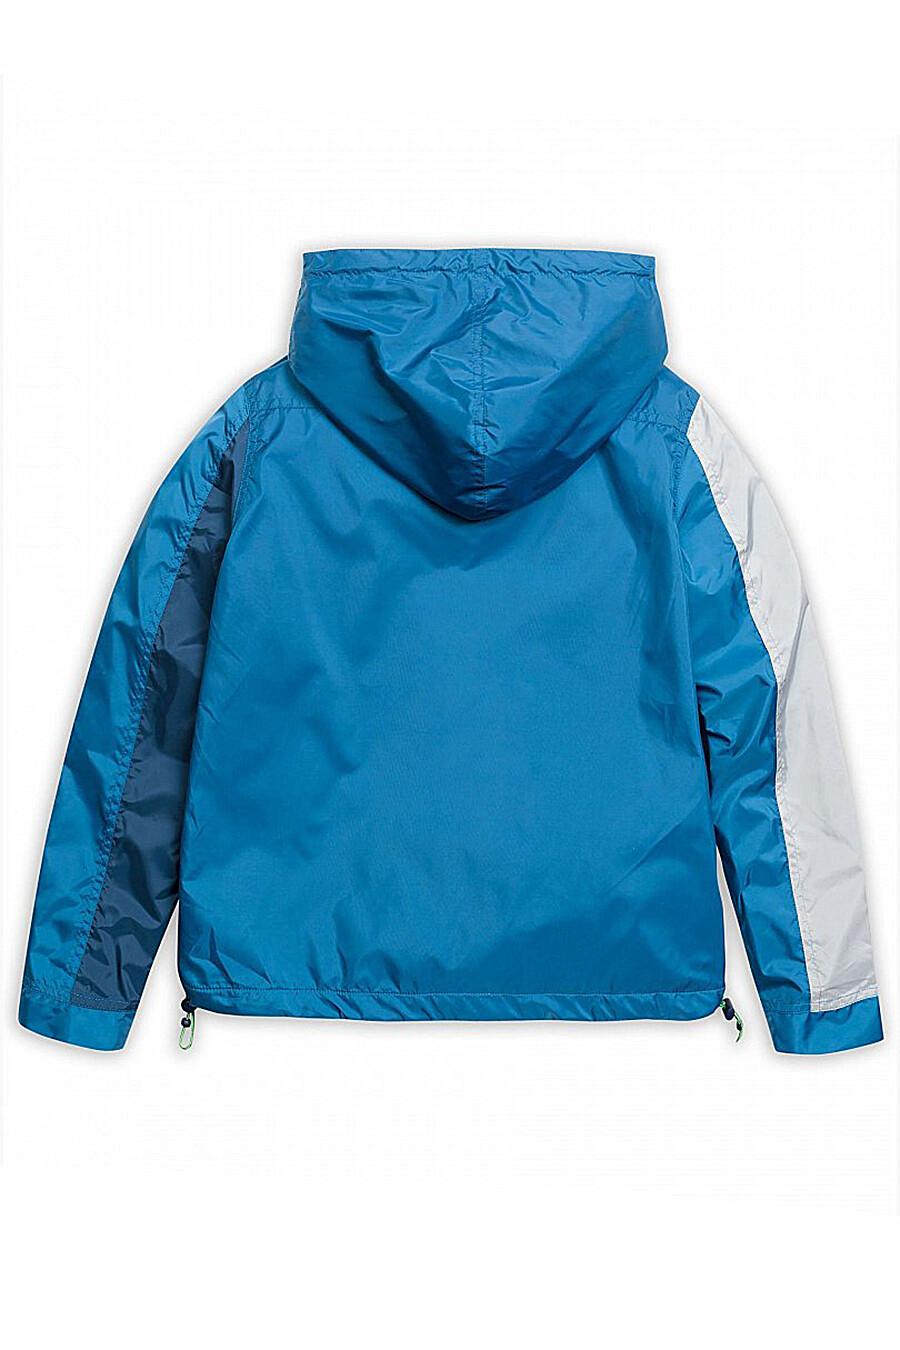 Плащ для мальчиков PELICAN 116783 купить оптом от производителя. Совместная покупка детской одежды в OptMoyo